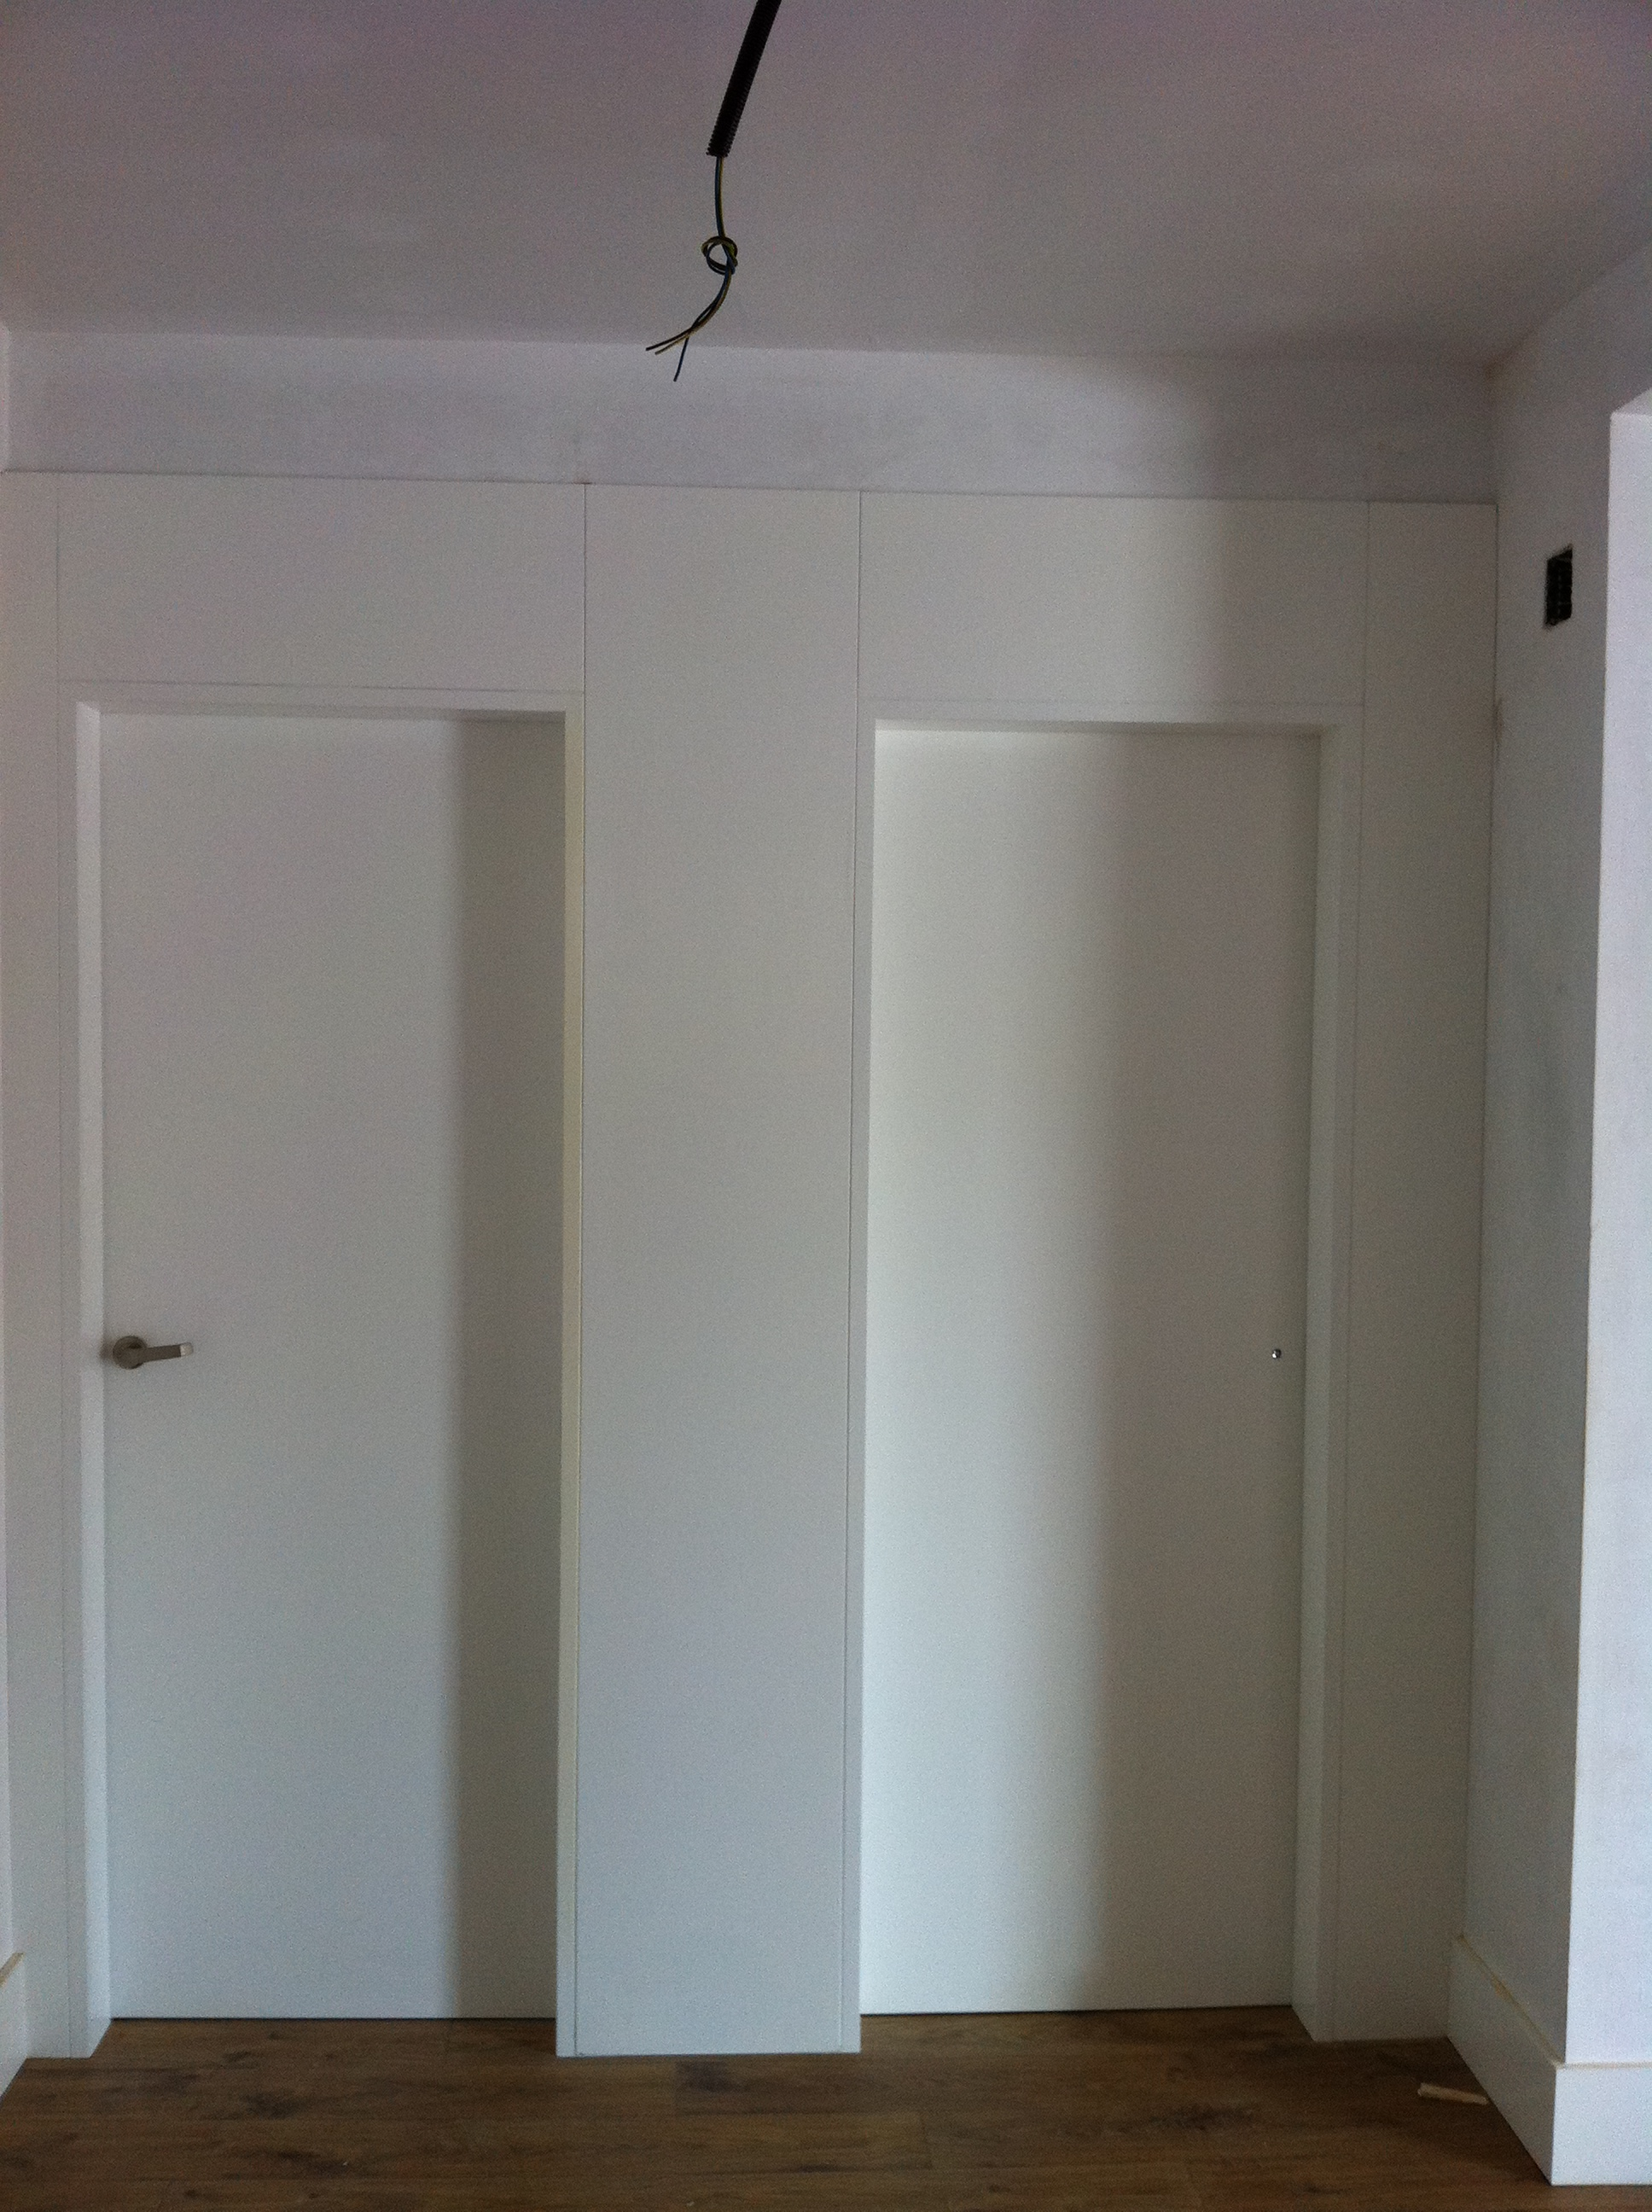 Trabajos realizados puertas lacadas blancas en granada - Puertas de madera en blanco ...